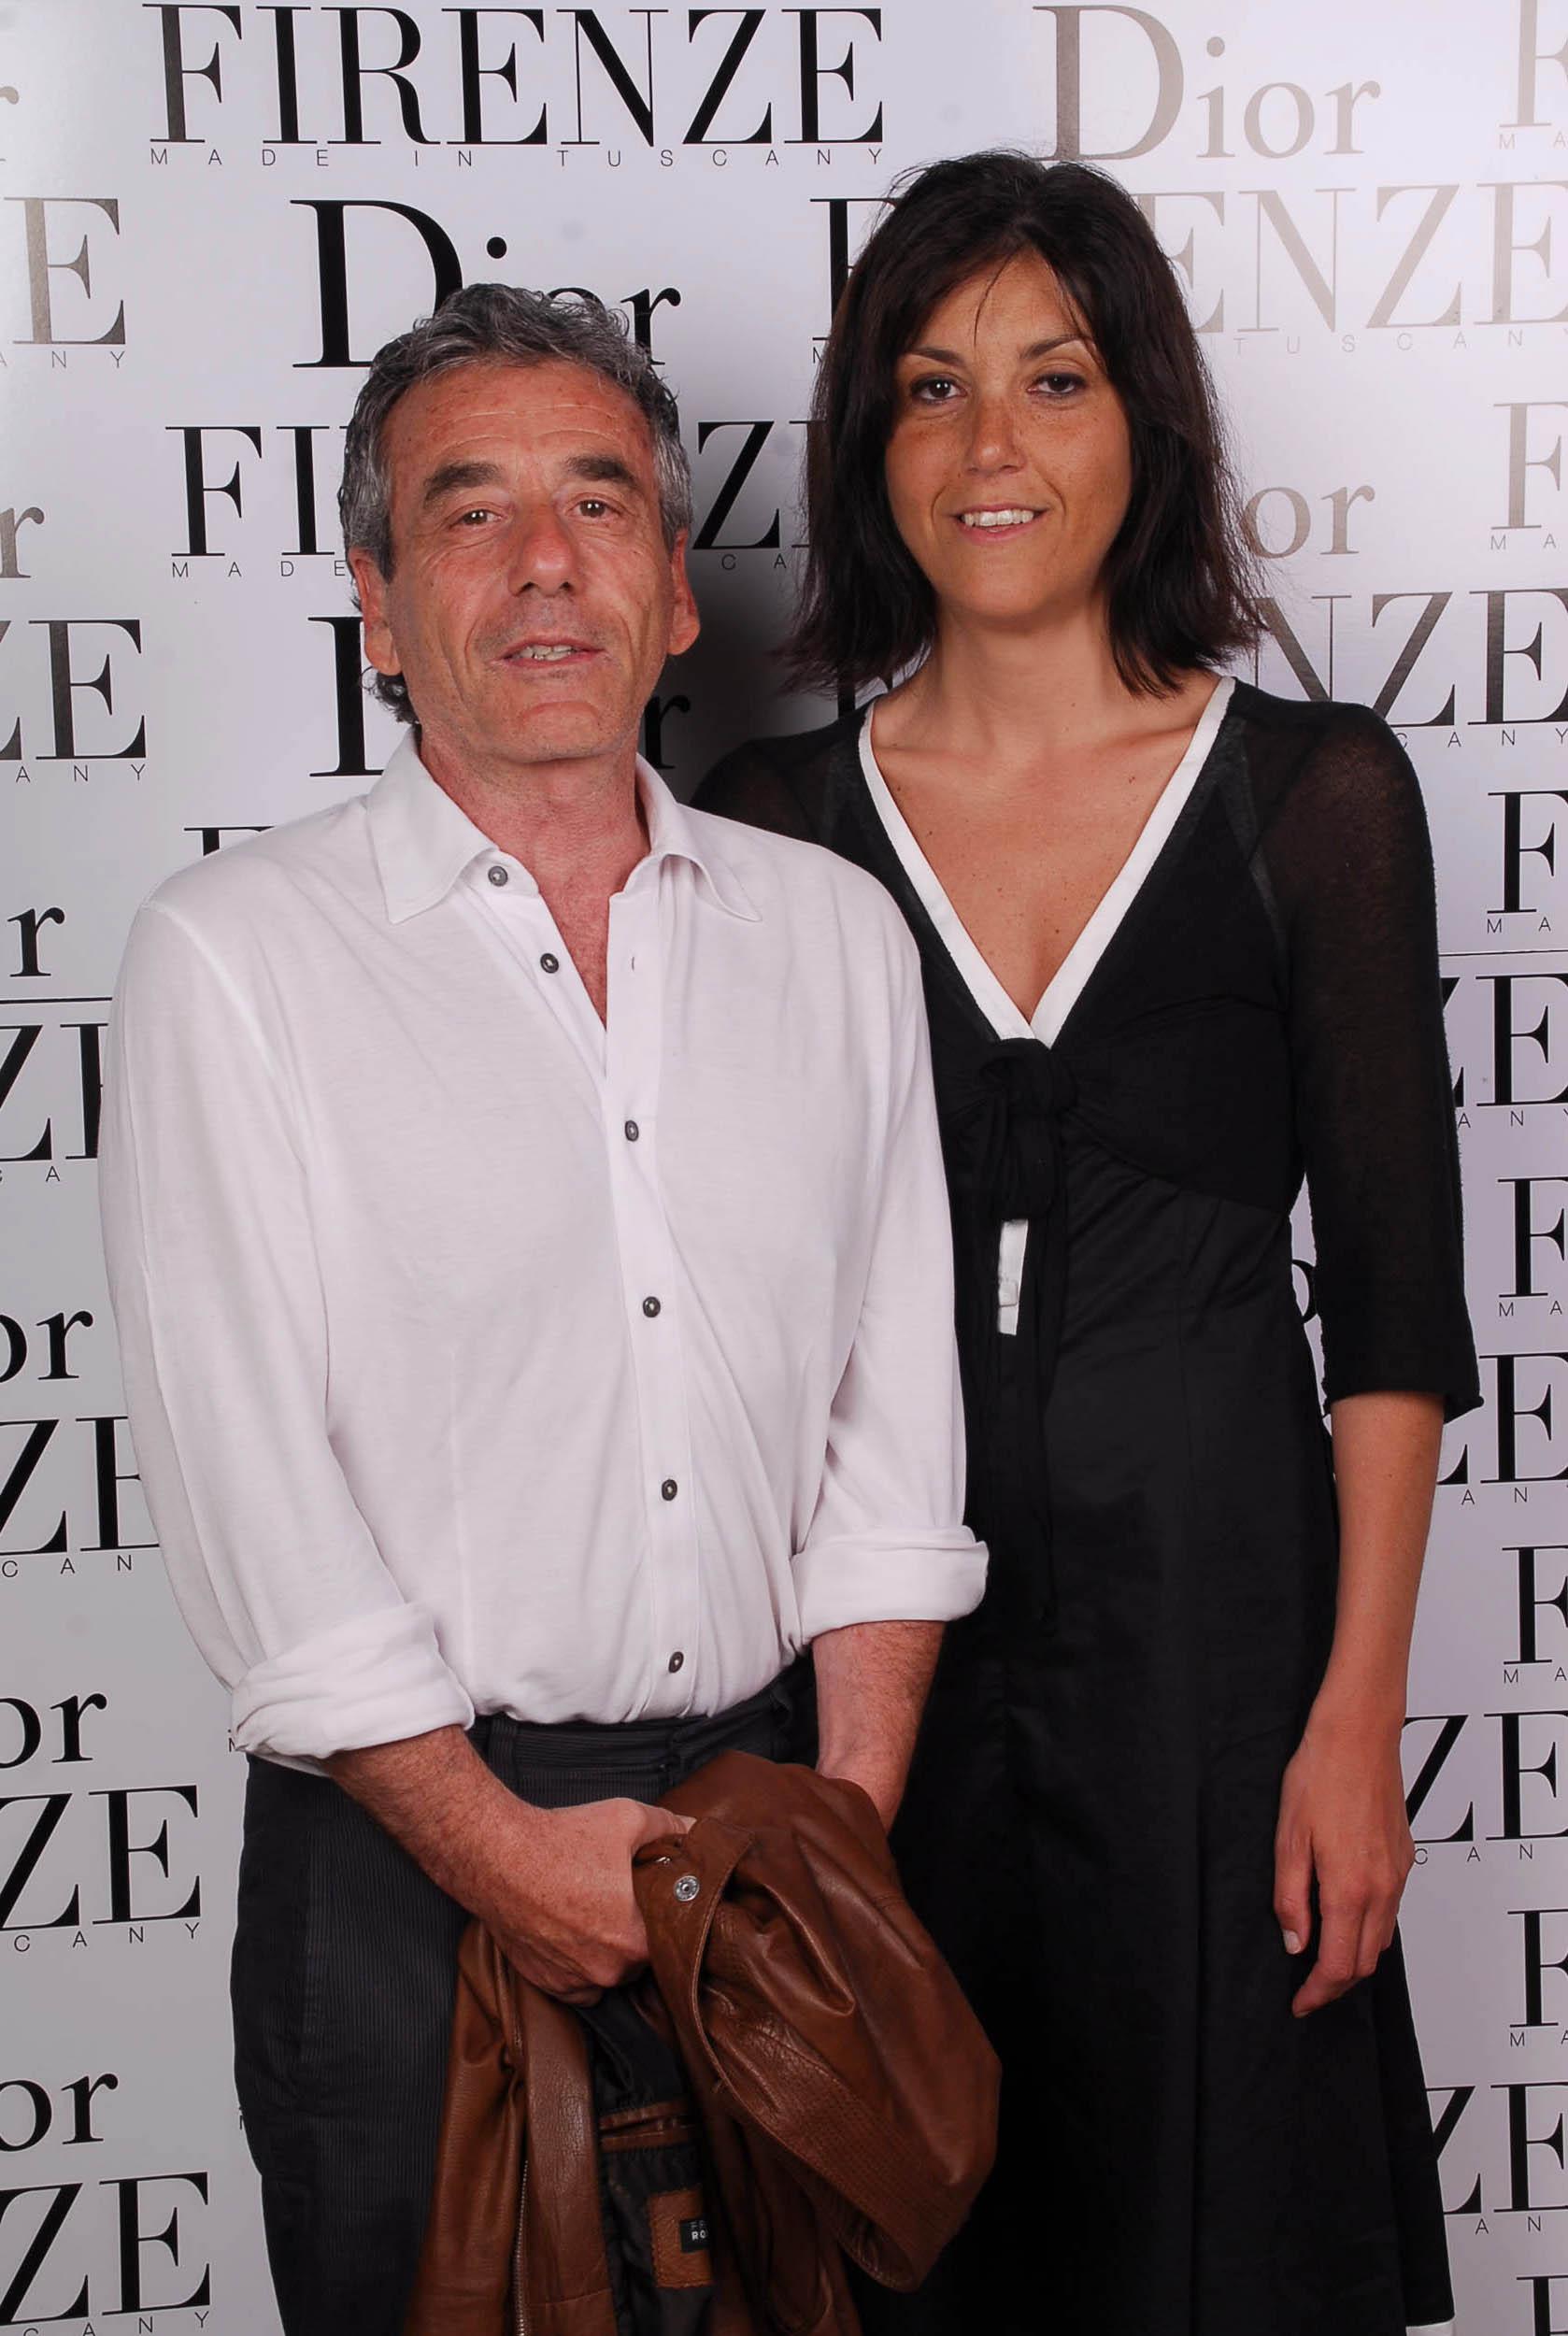 PRESSPHOTO  Firenze, evento Dior al teatro romano di Fiesole. Nella foto Francesca Parigi Bini e Luciano Aiazzi